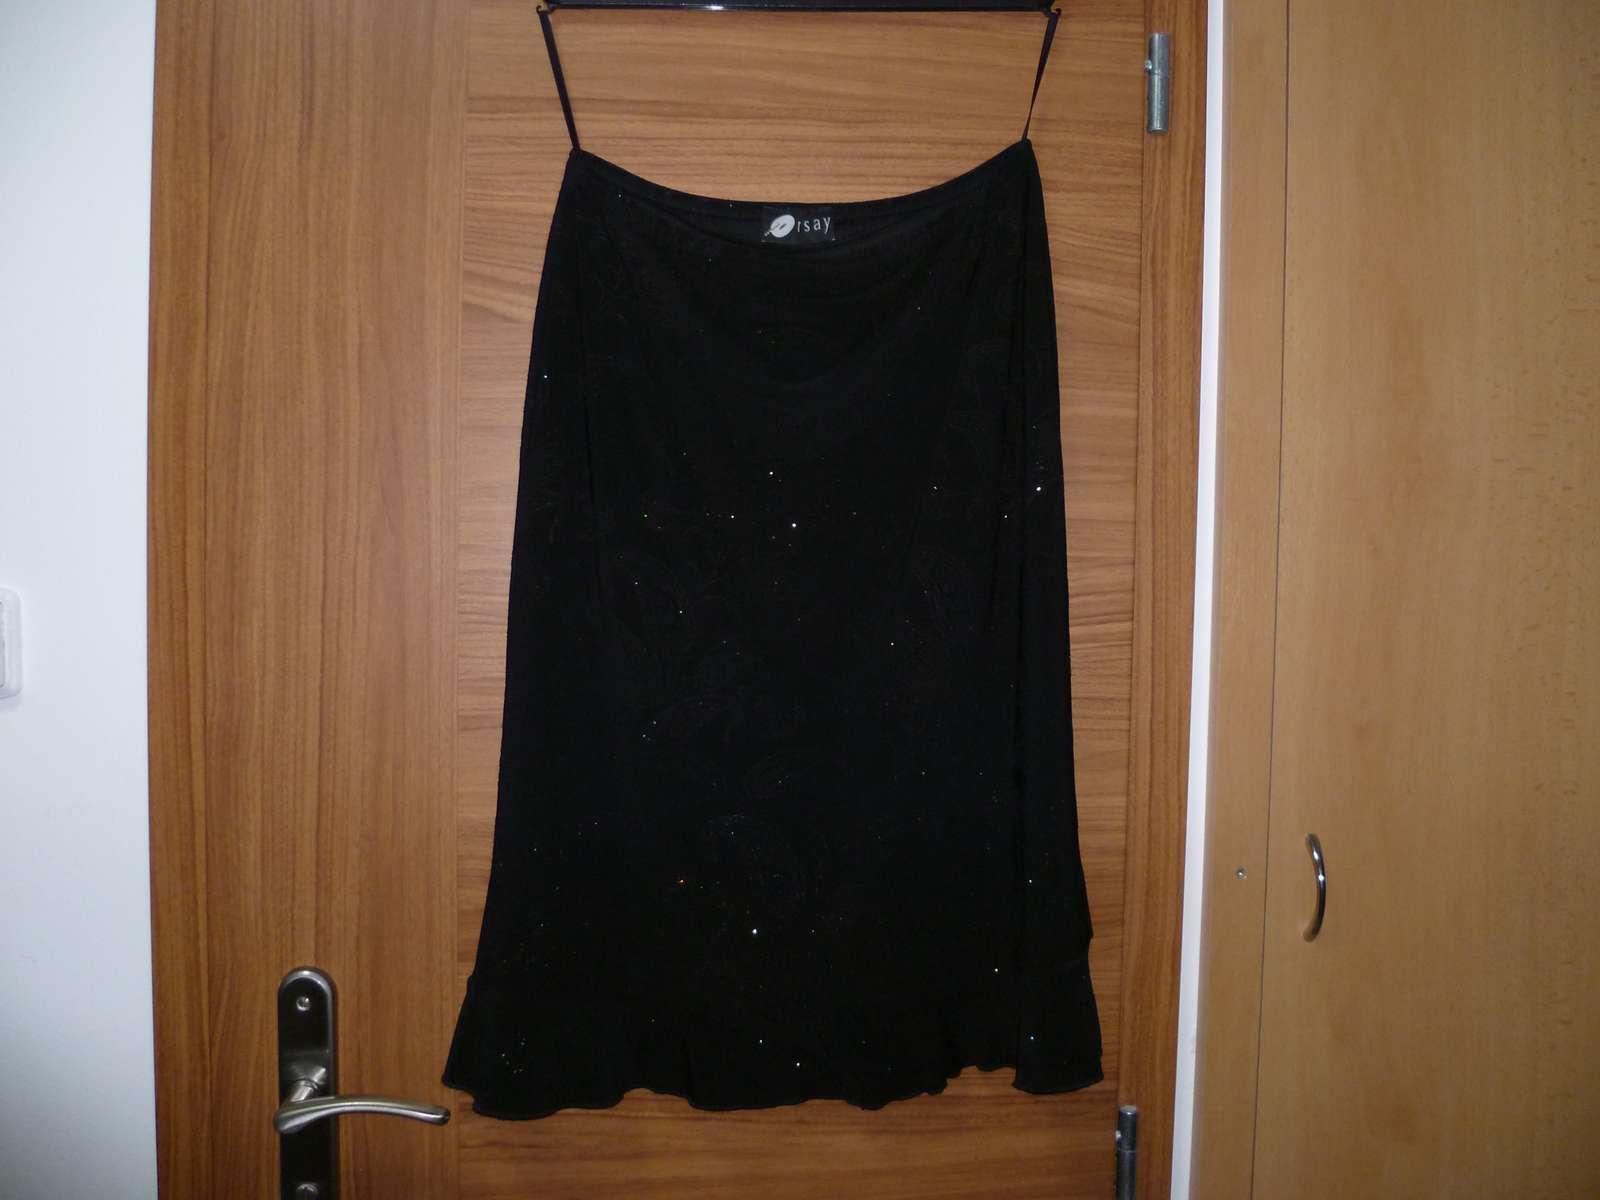 Orsay černá sukně s třpytkami - Obrázek č. 1